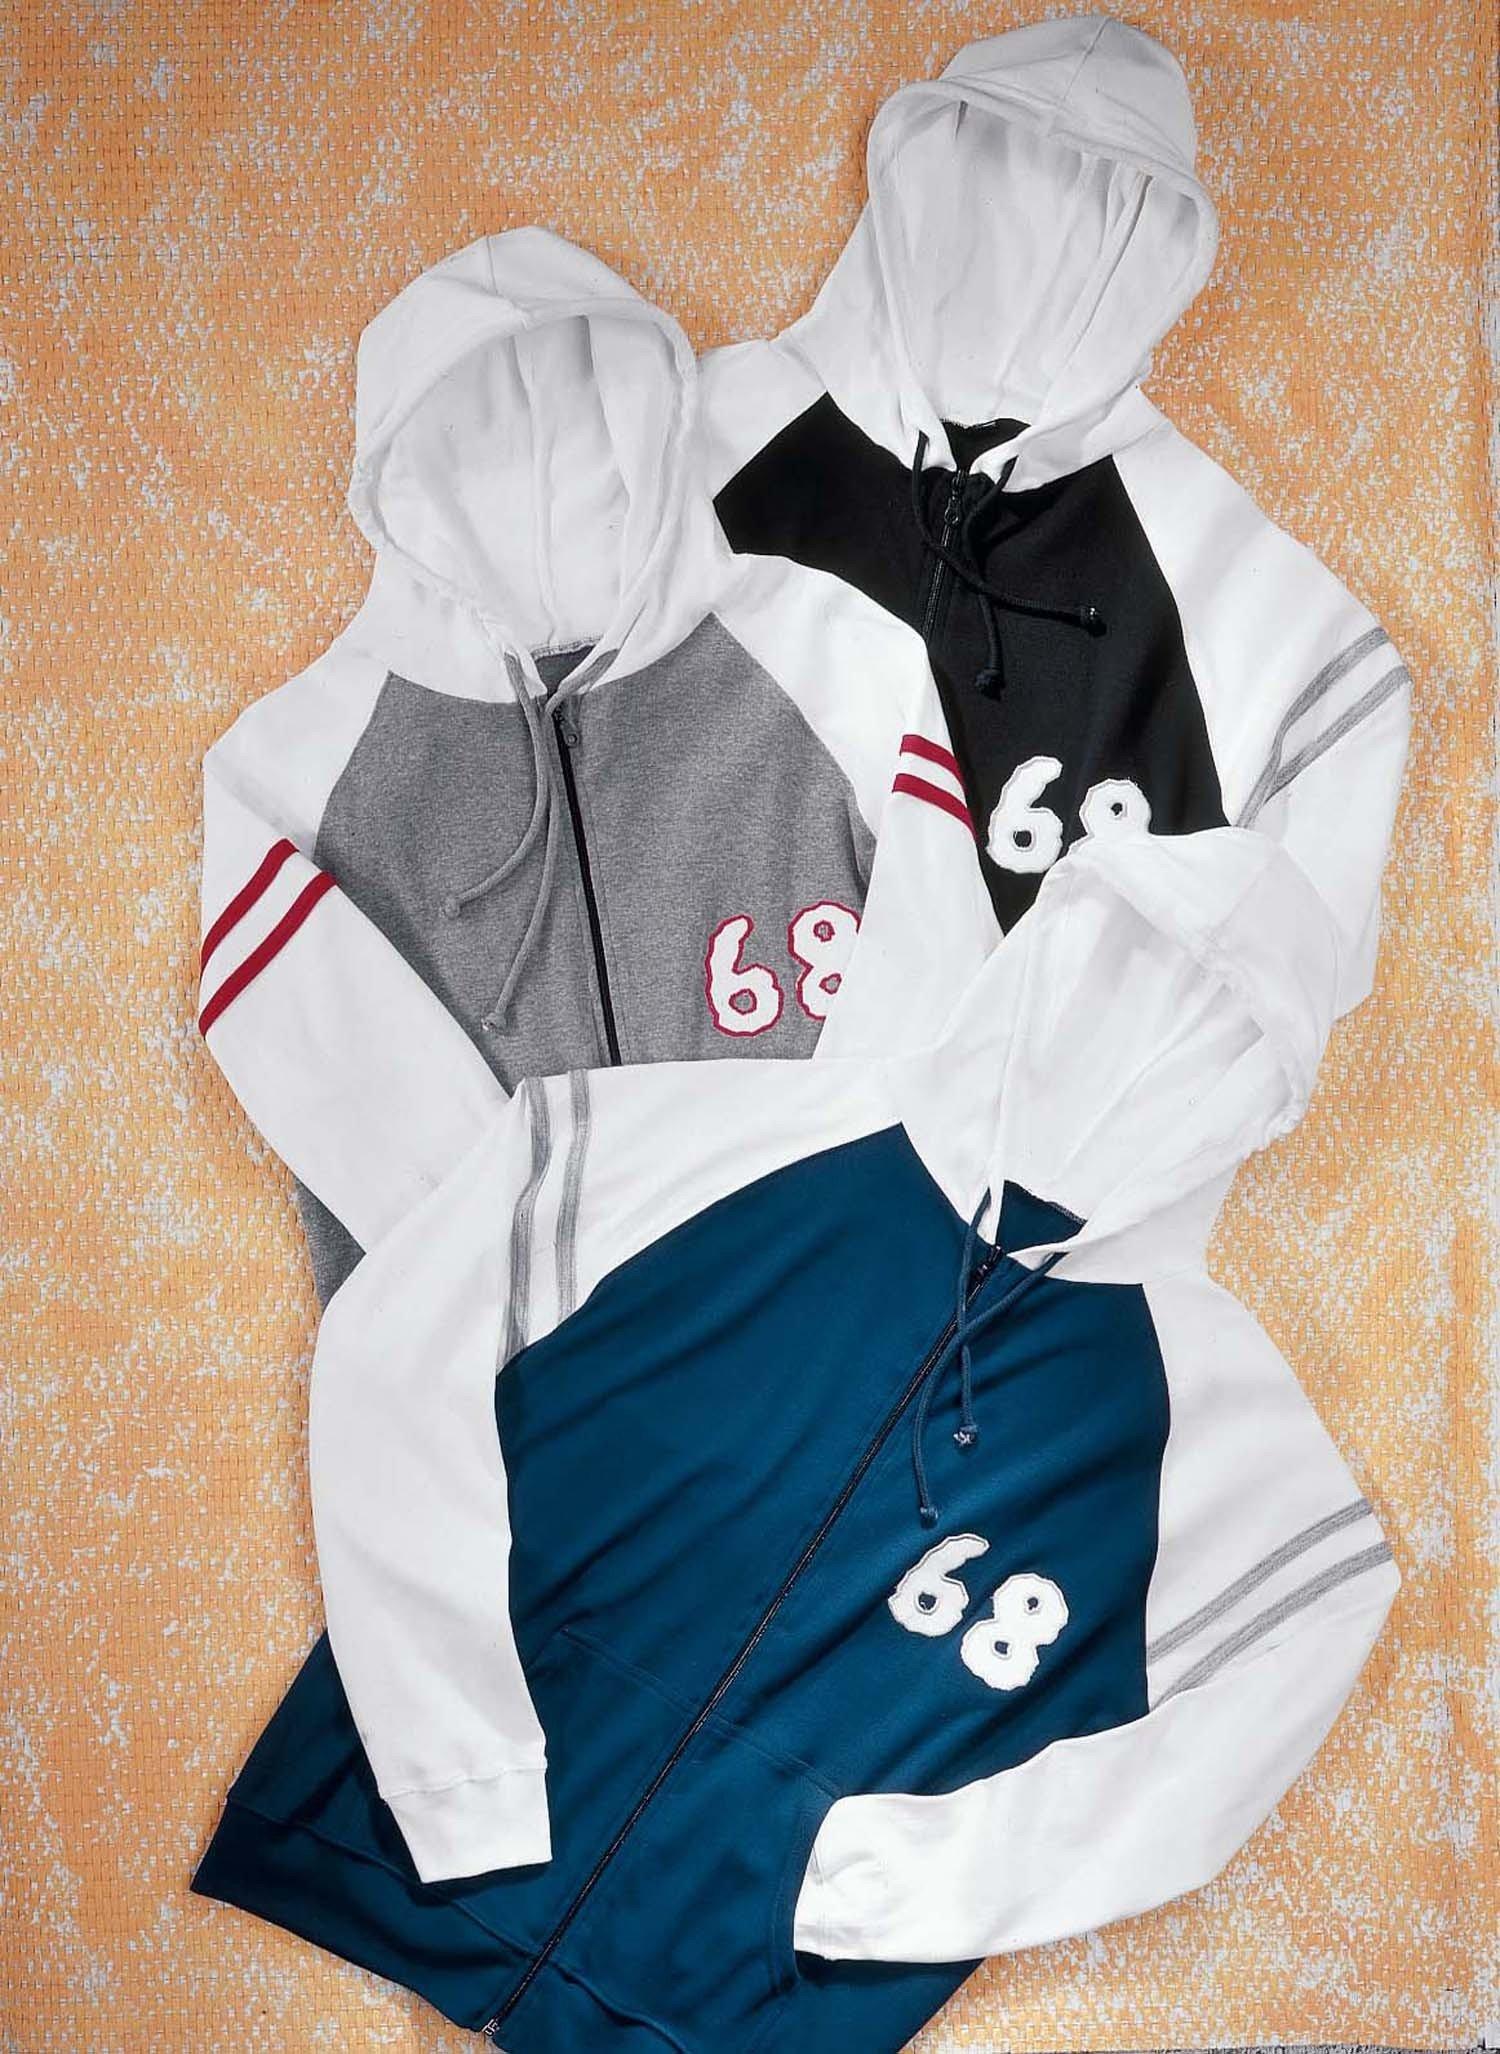 """H-Kapuzen-Jacke """"68"""" grau m./w L 354 - 2 - Ronja.ch"""